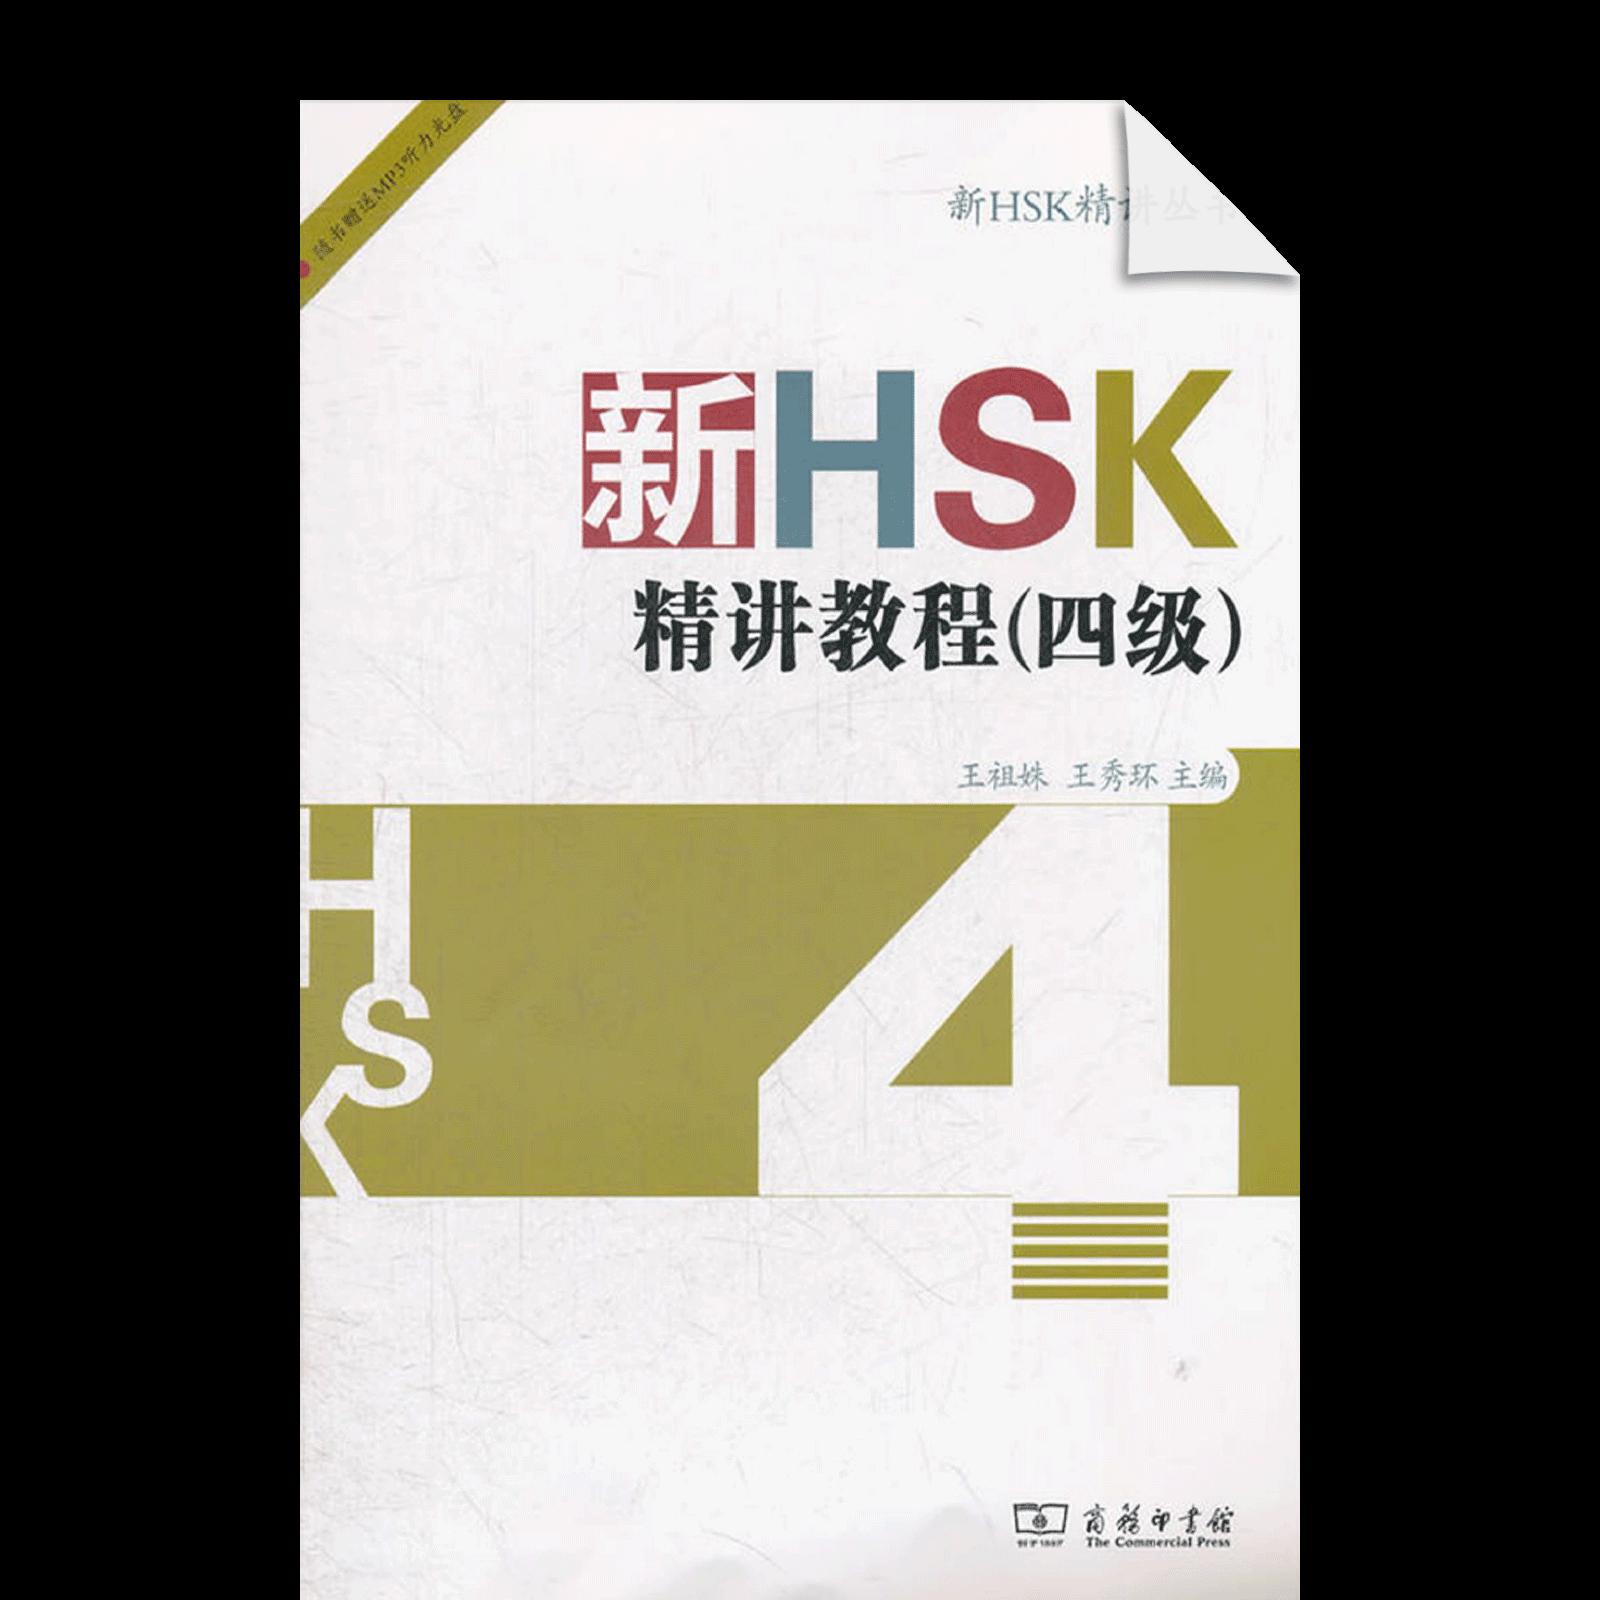 Xinhsk Jingjiang Jiaocheng 4Ji